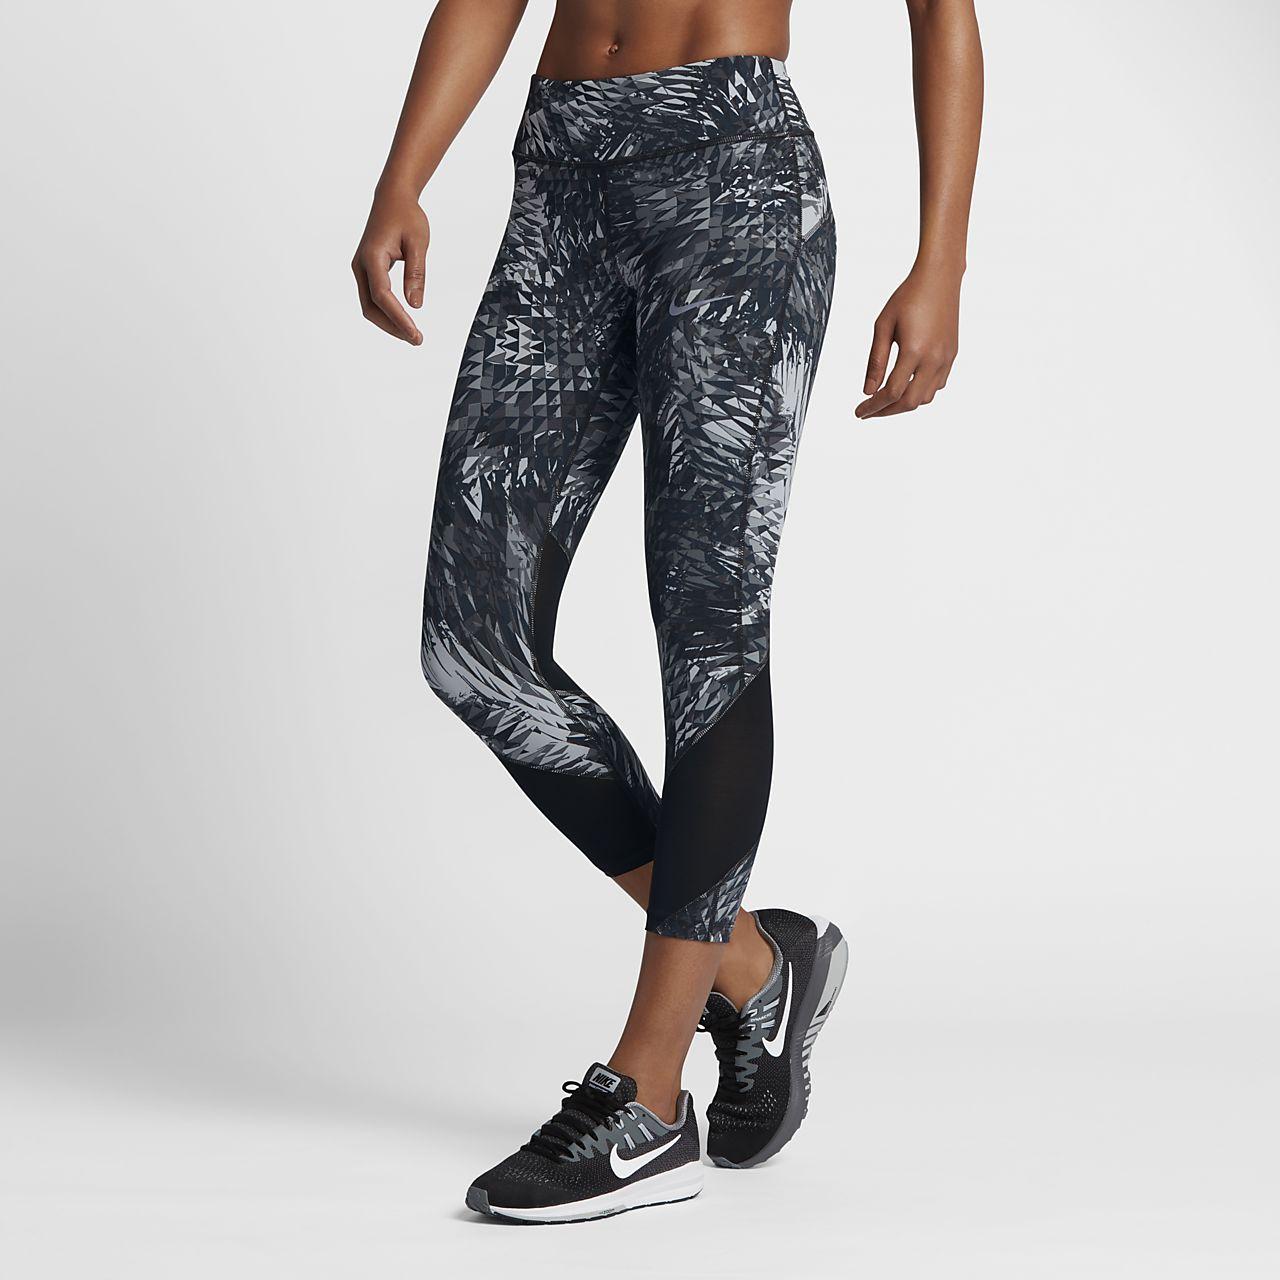 กางเกงวิ่งสี่ส่วนผู้หญิง Nike Power Epic Lux